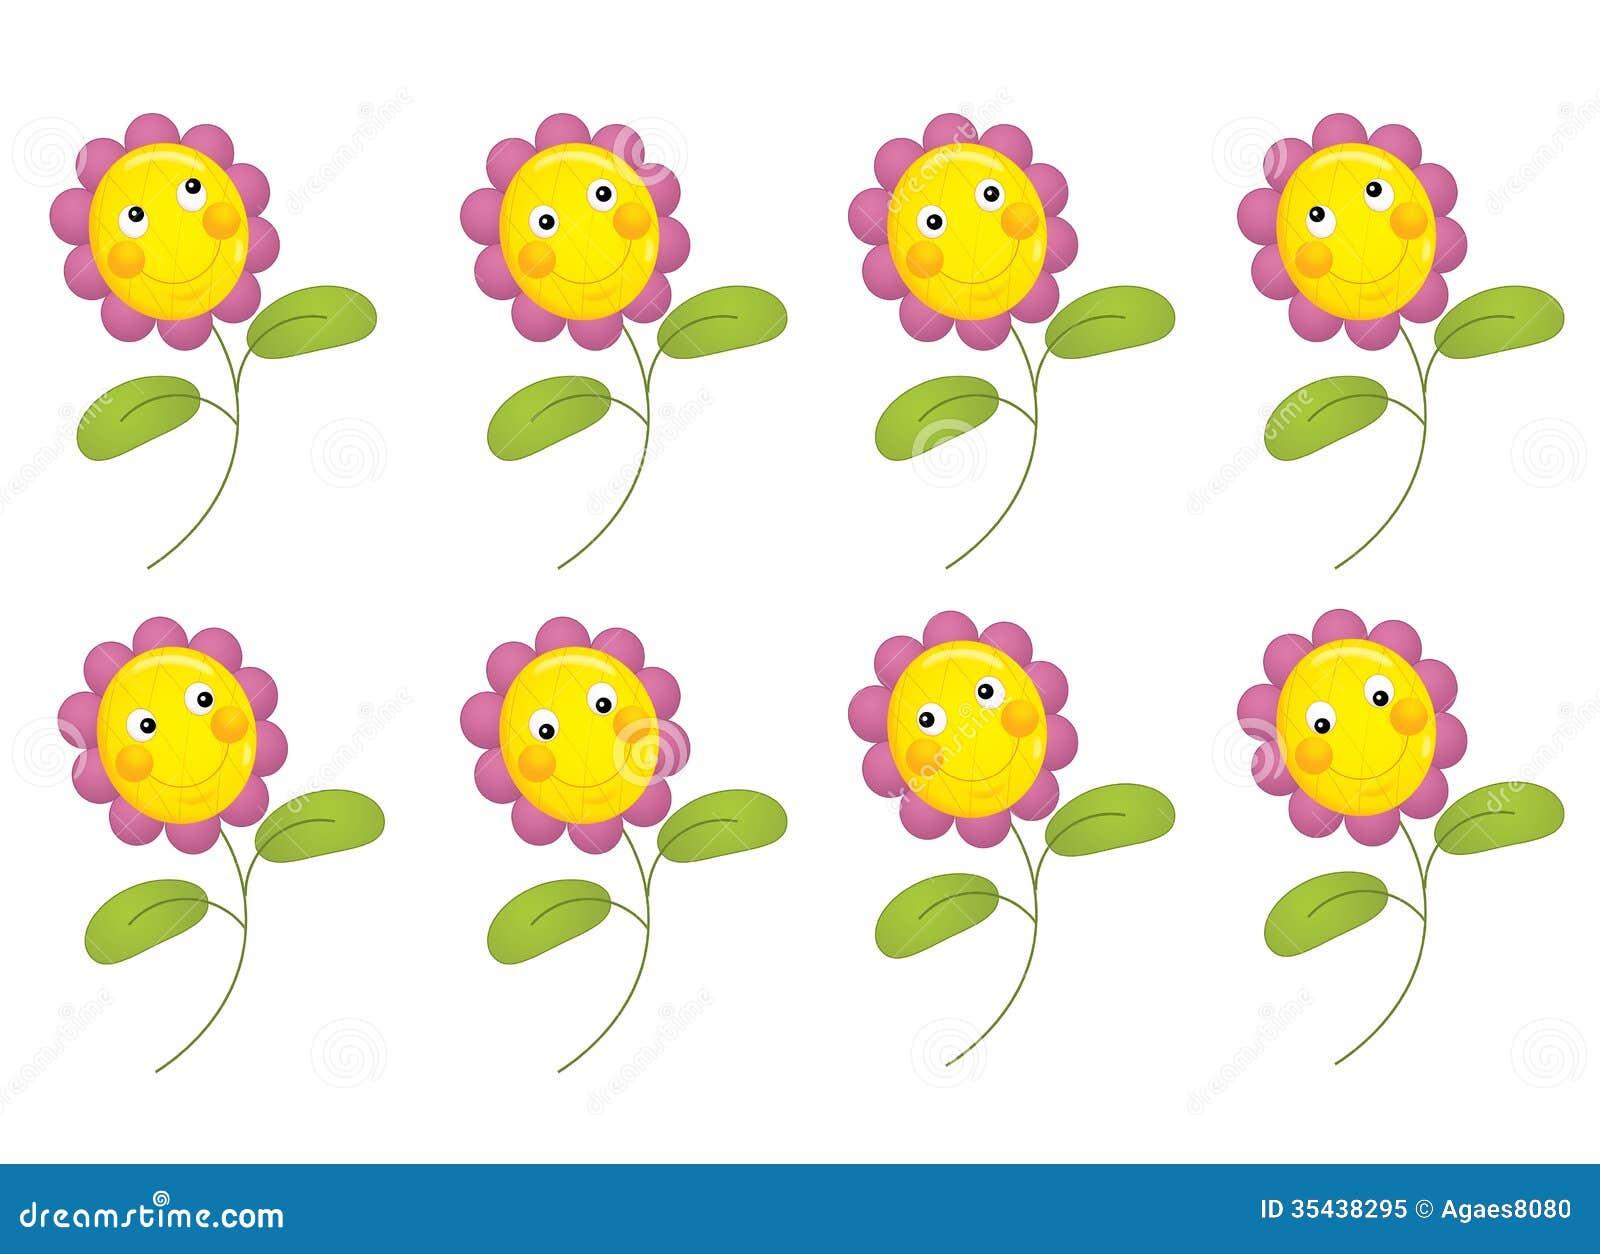 Cartoon flower isolated illustration stock illustration beautiful cartoon flower illustration for children izmirmasajfo